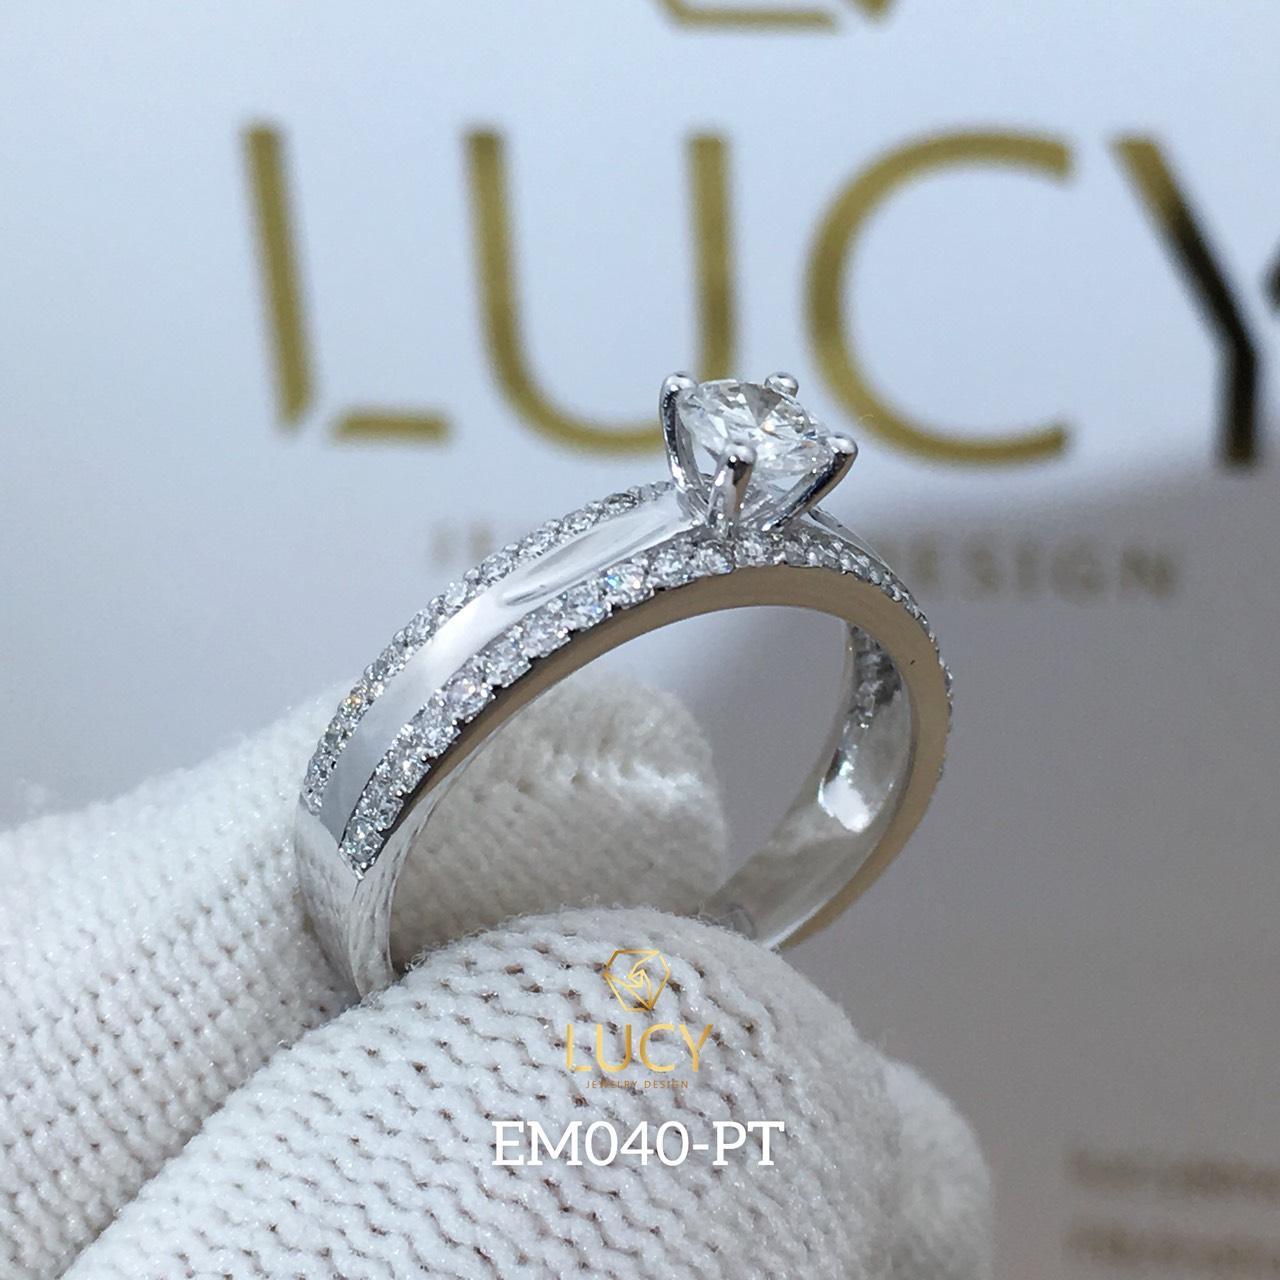 EM040 Nhẫn nữ vàng, nhẫn ổ 4mm, nhẫn nữ thiết kế, nhẫn cầu hôn, nhẫn đính hôn - Lucy Jewelry